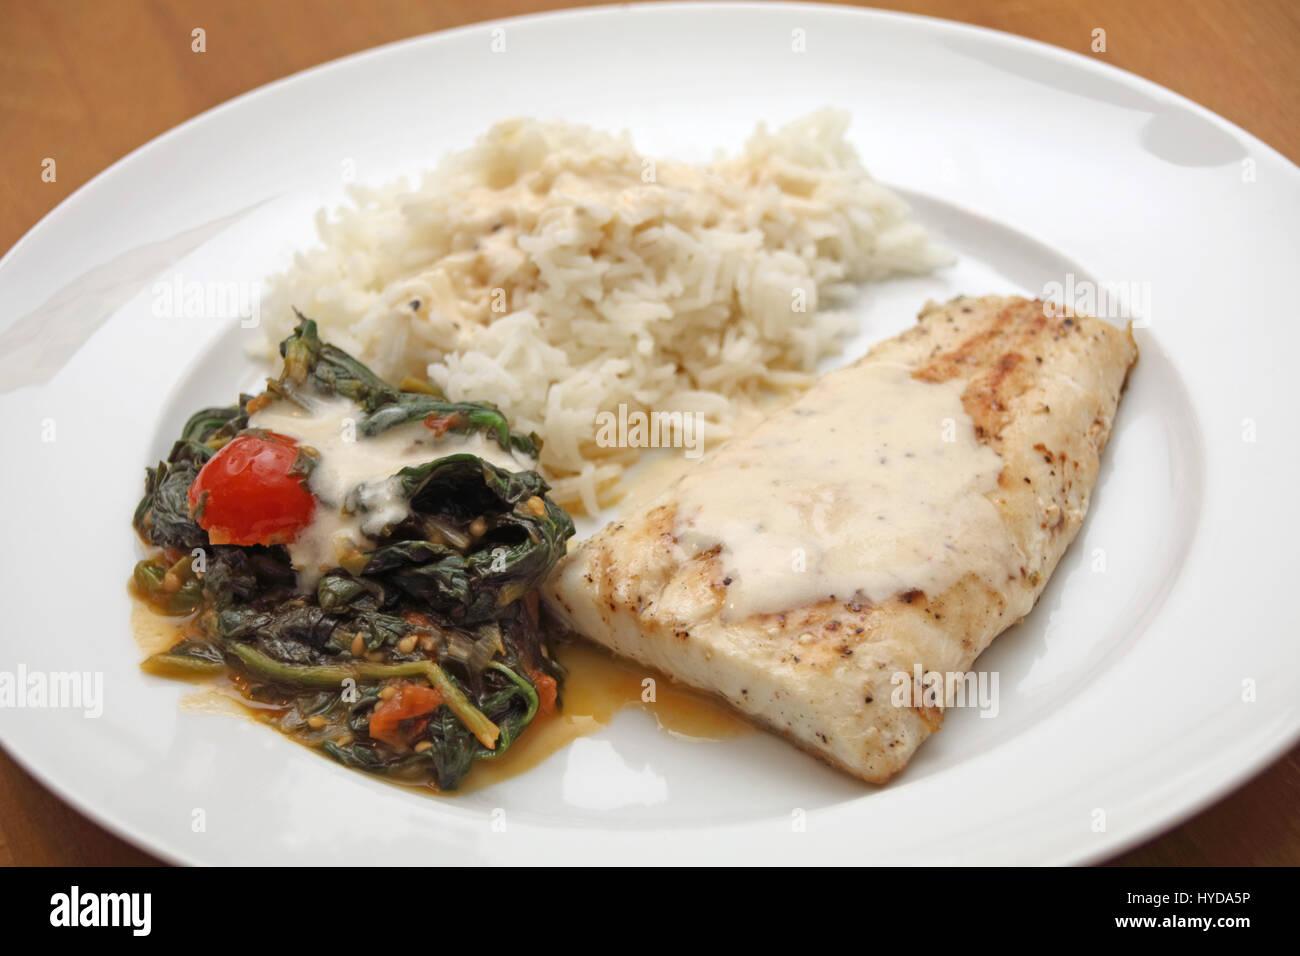 Zander mit Reis und Blattspinat - Stock Image